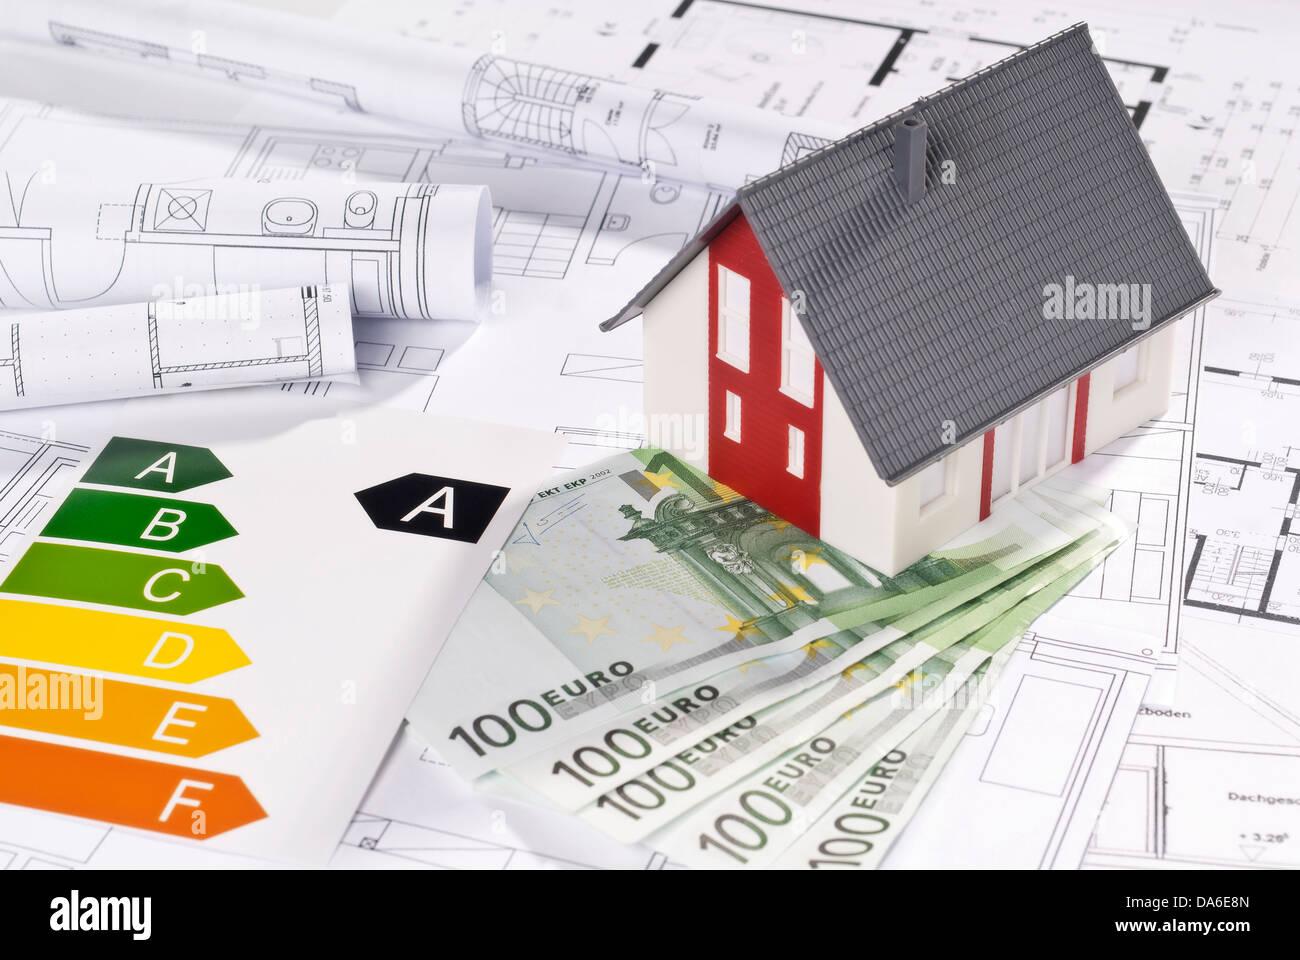 Efficienza energetica con il modello architettonico, blueprint e fatture. Immagini Stock